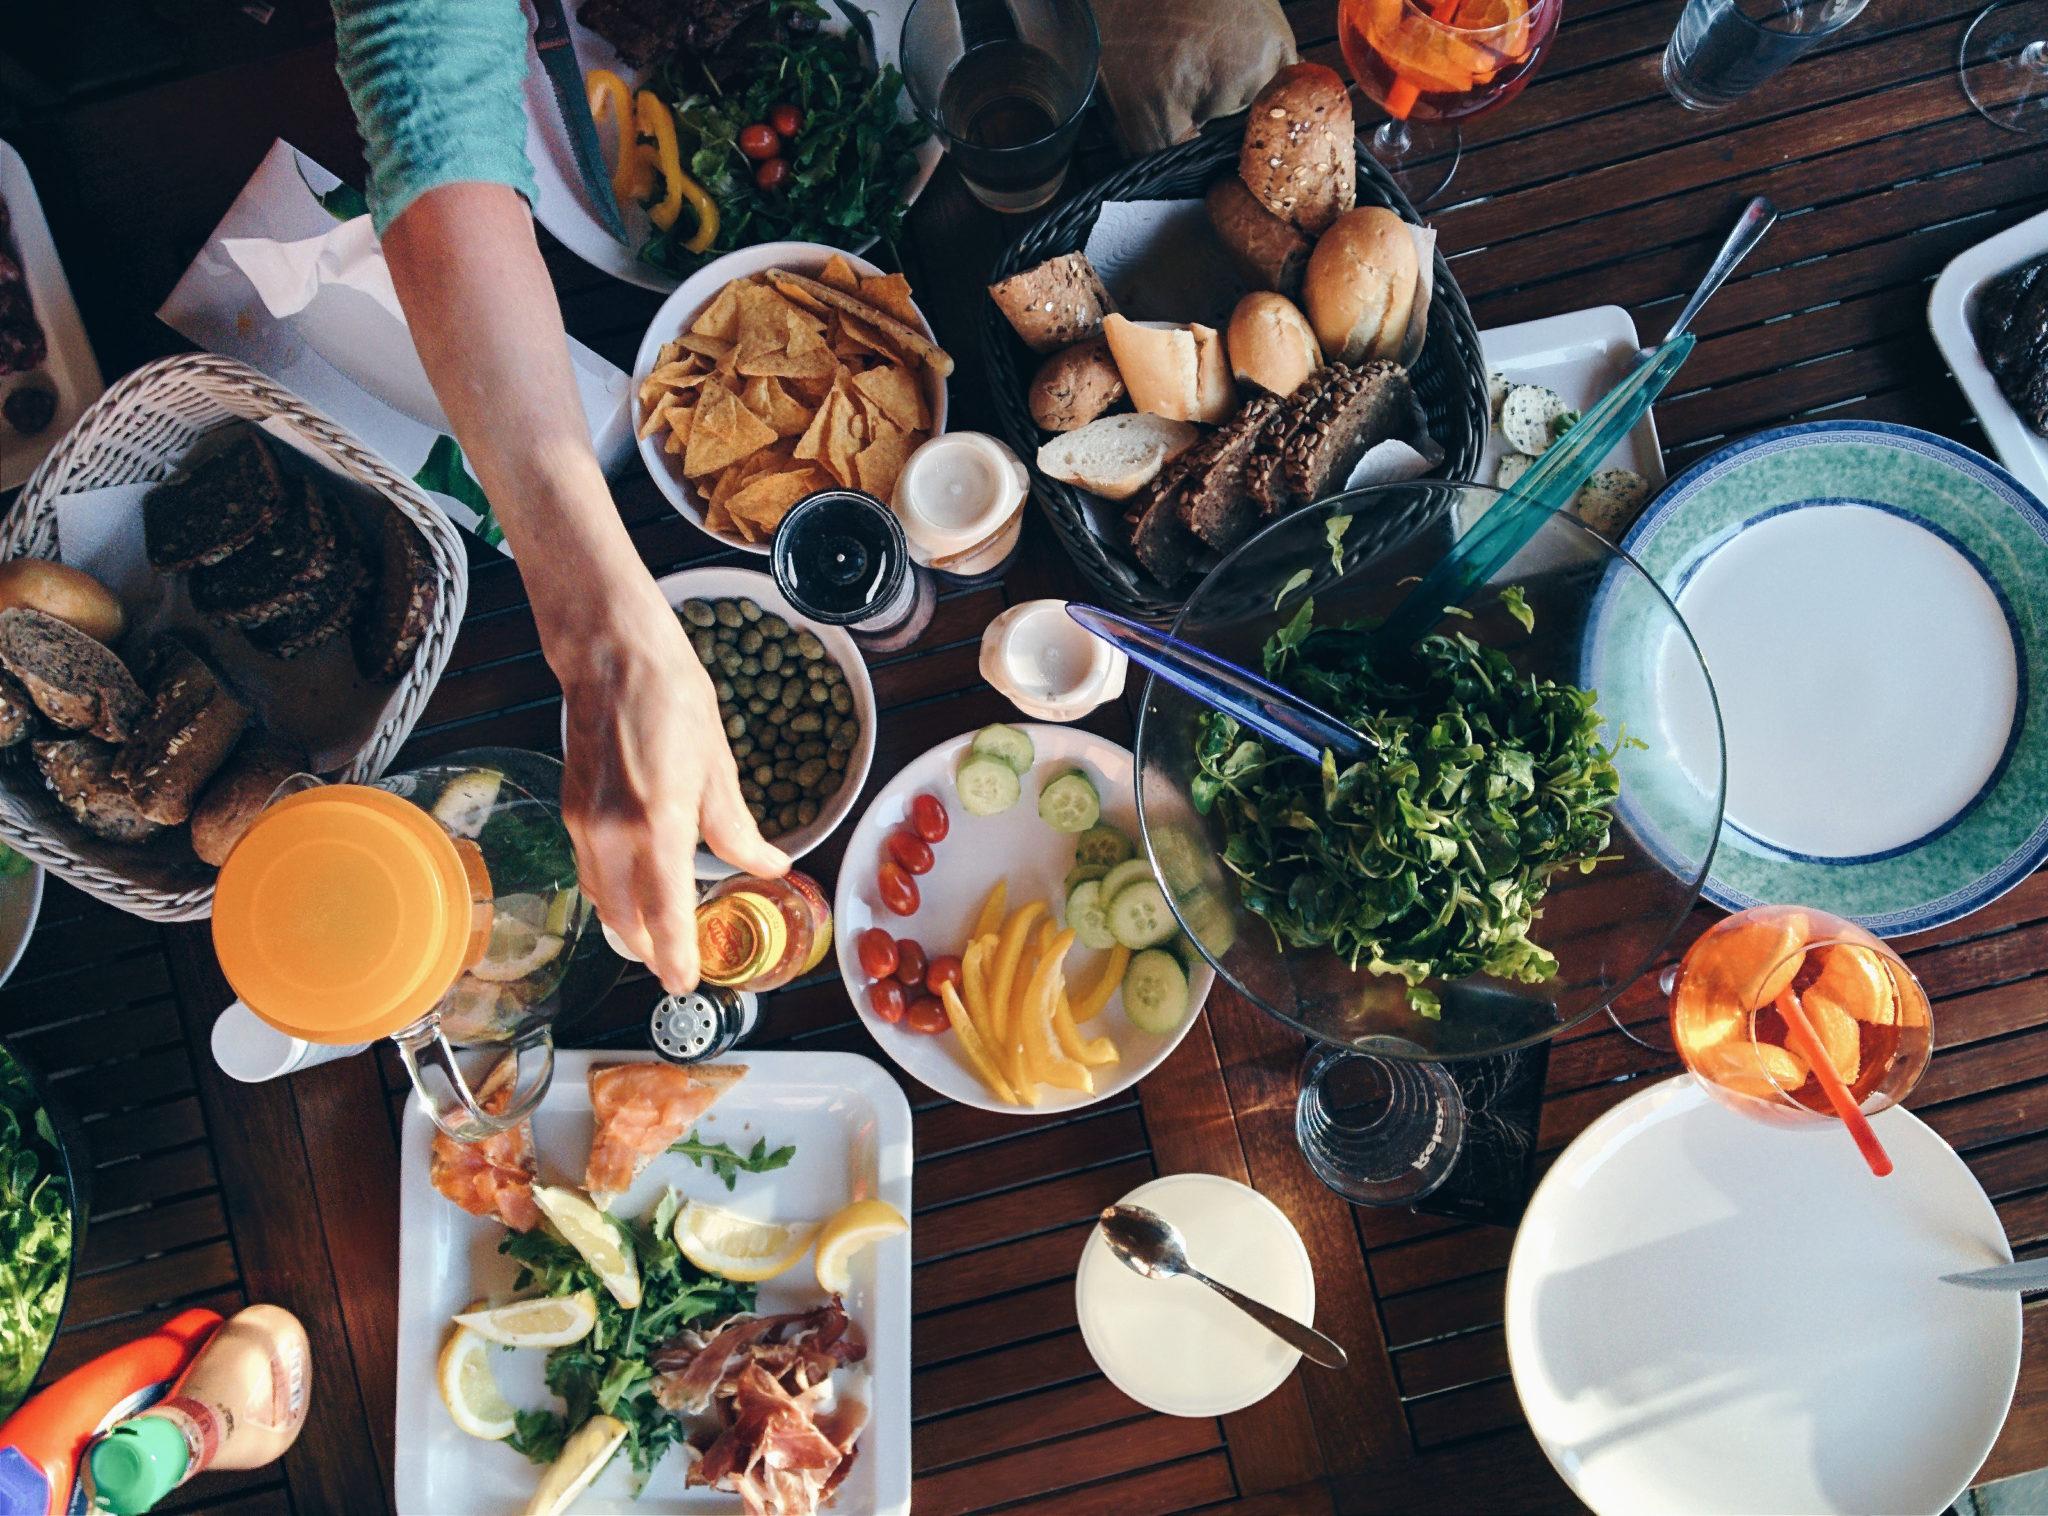 Comment calculer la charge glycémique d'un aliment